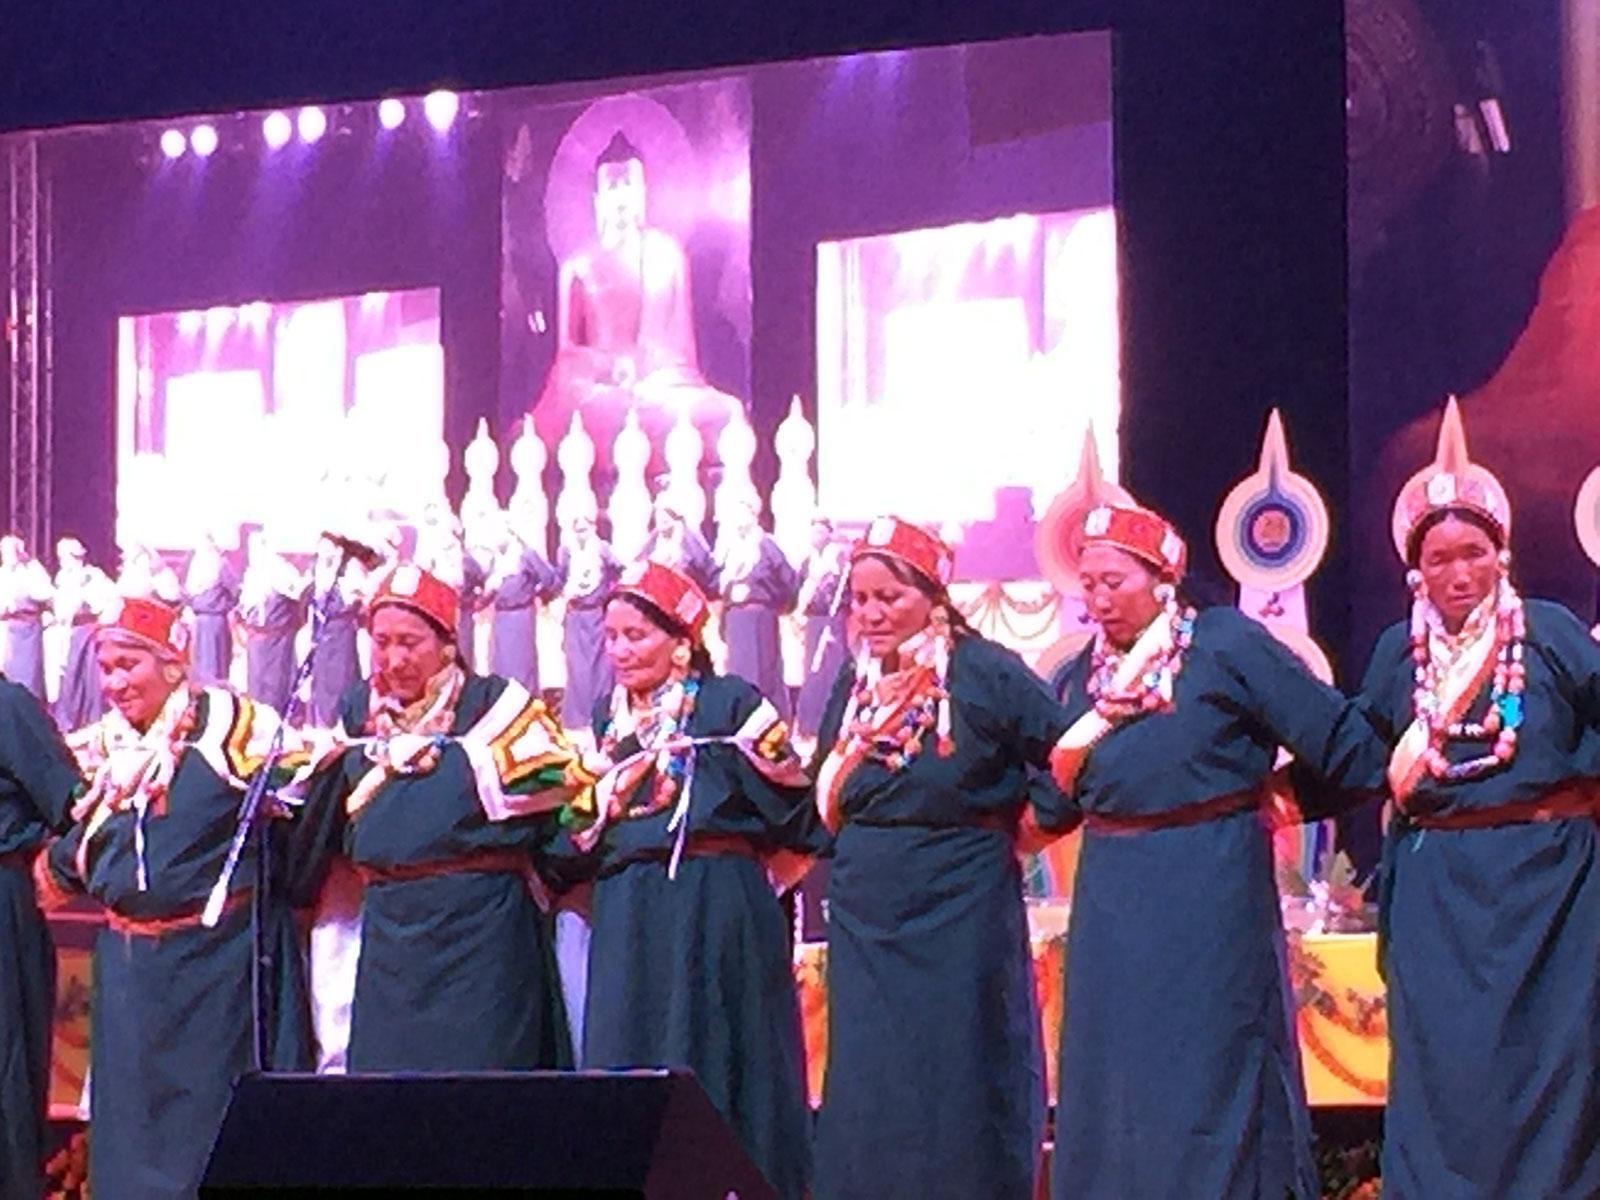 在直貢澈贊法王創辦的首屆舍衛城佛教文化節上的宣舞。(Limi藏人提供)